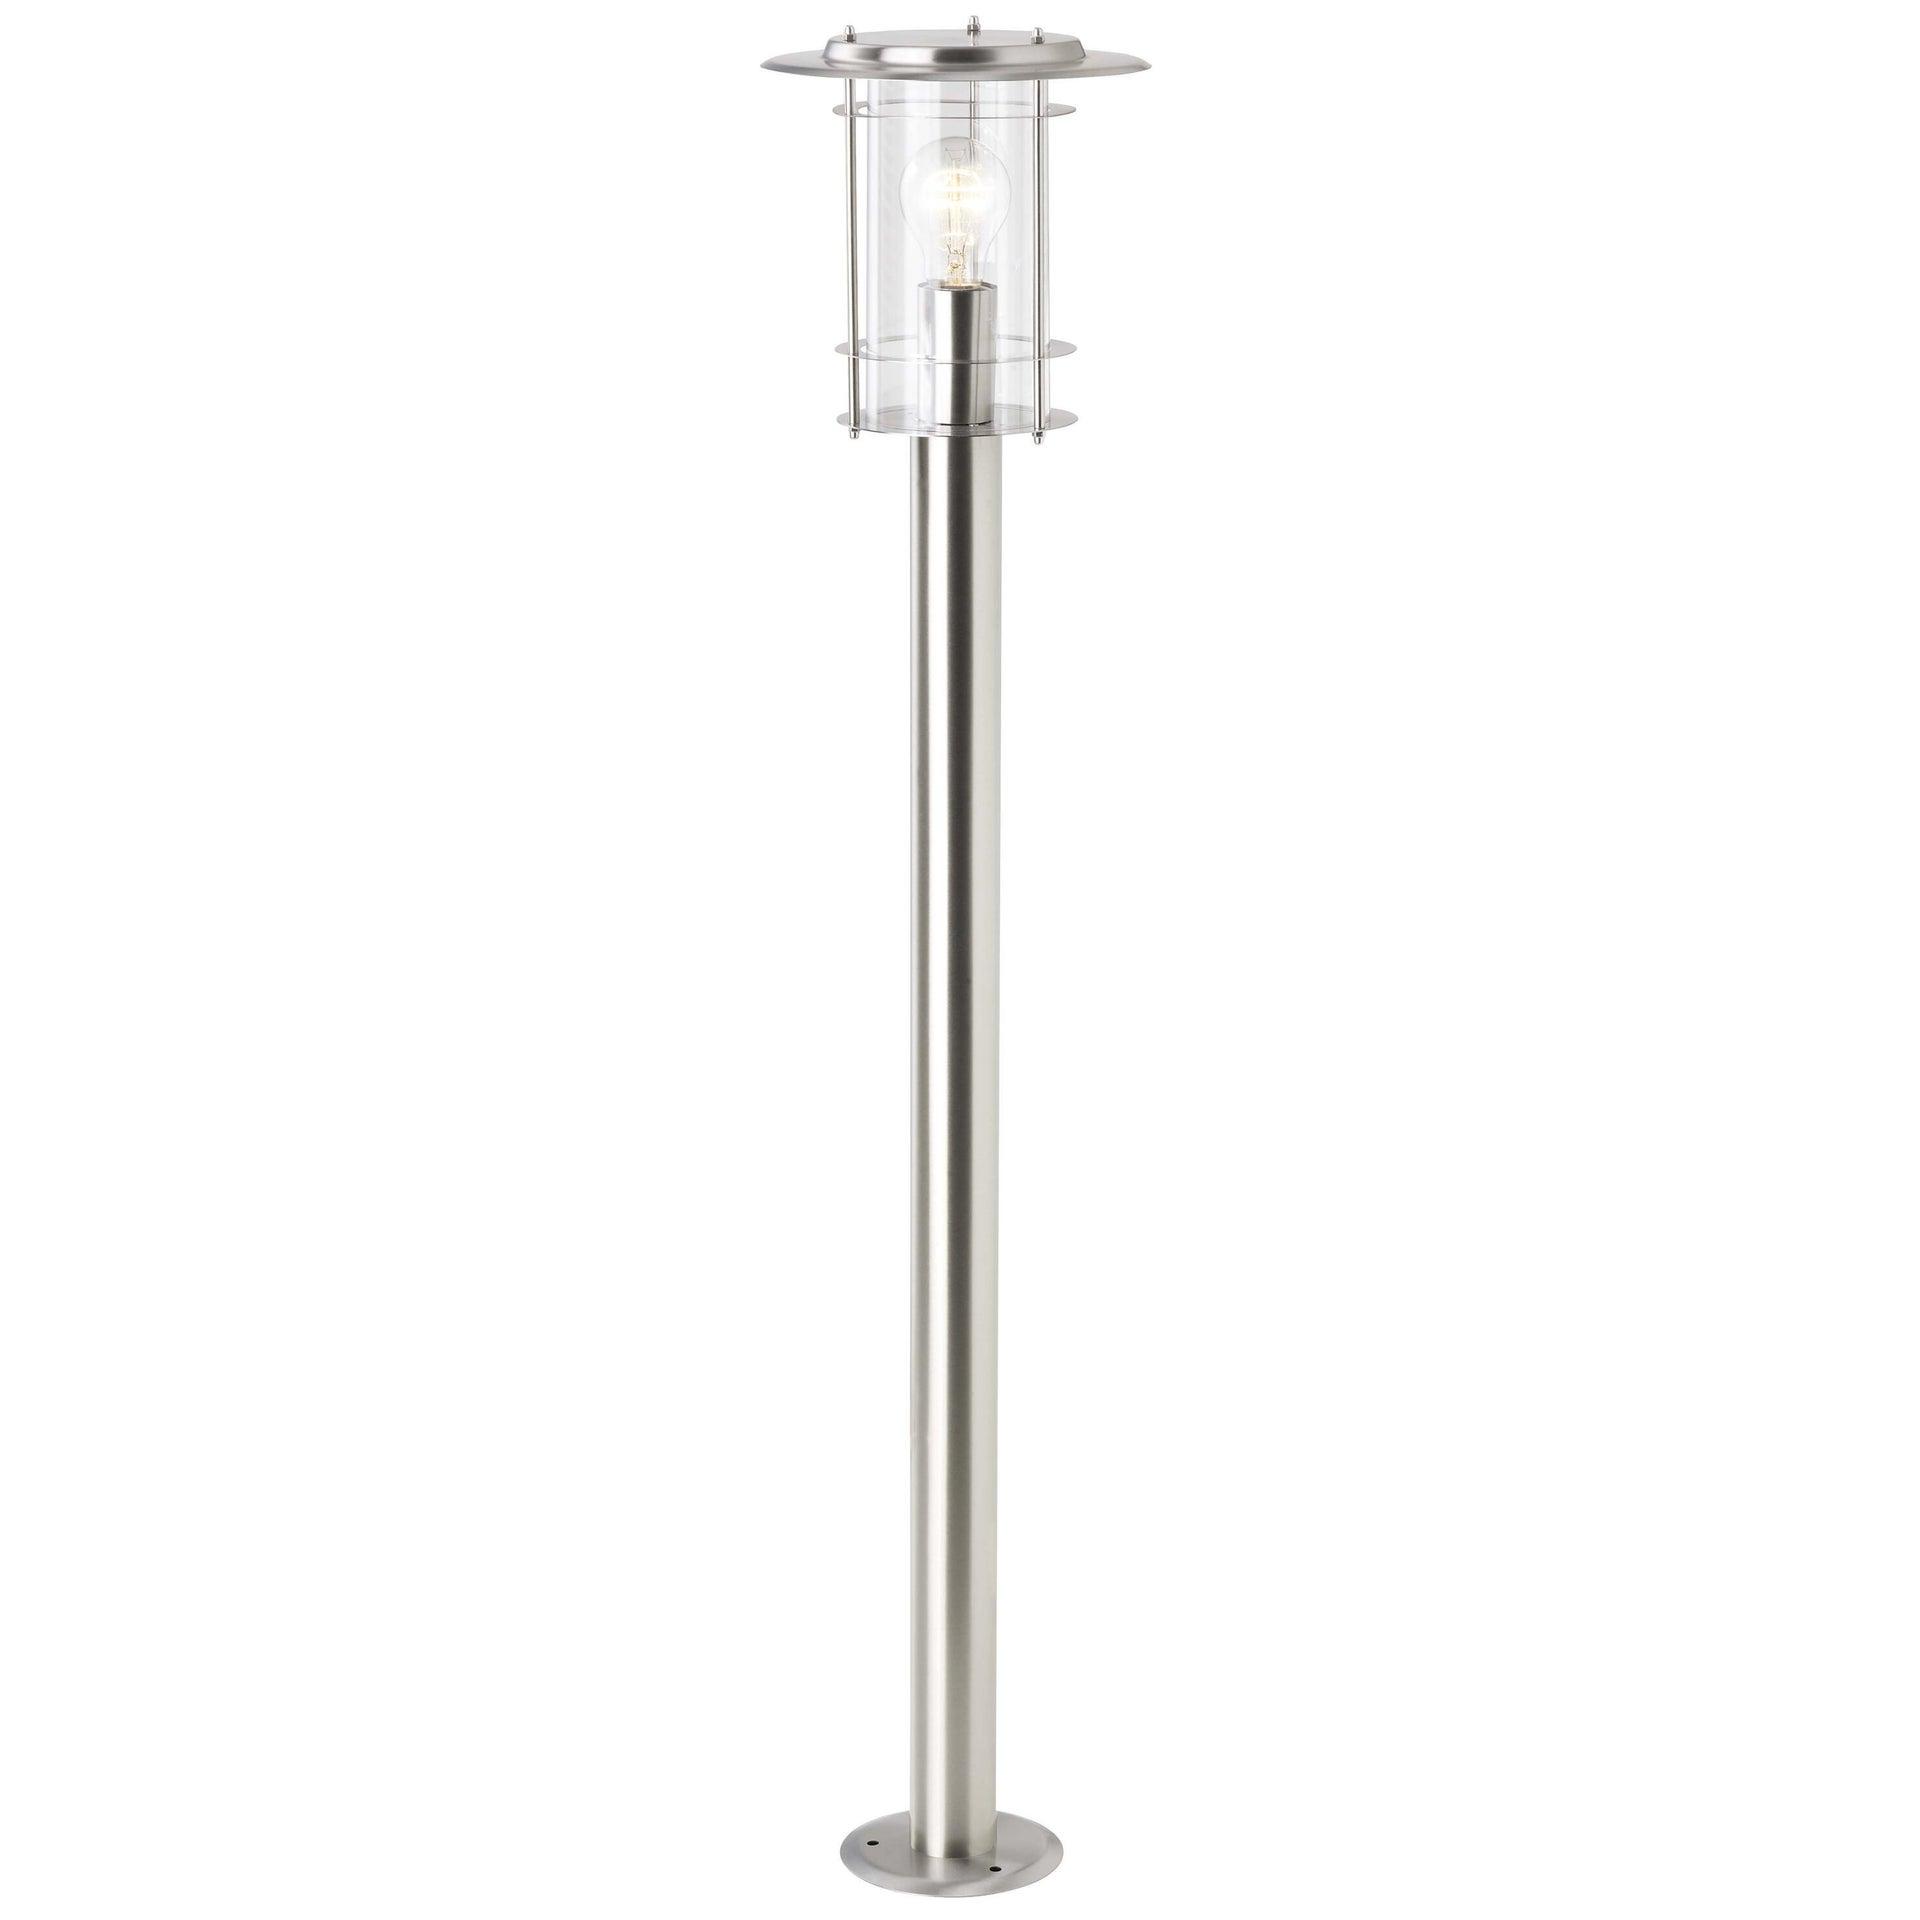 Lampione York H100 cm in alluminio, acciaio, E27 1x MAX 40W IP44 BRILLIANT - 2